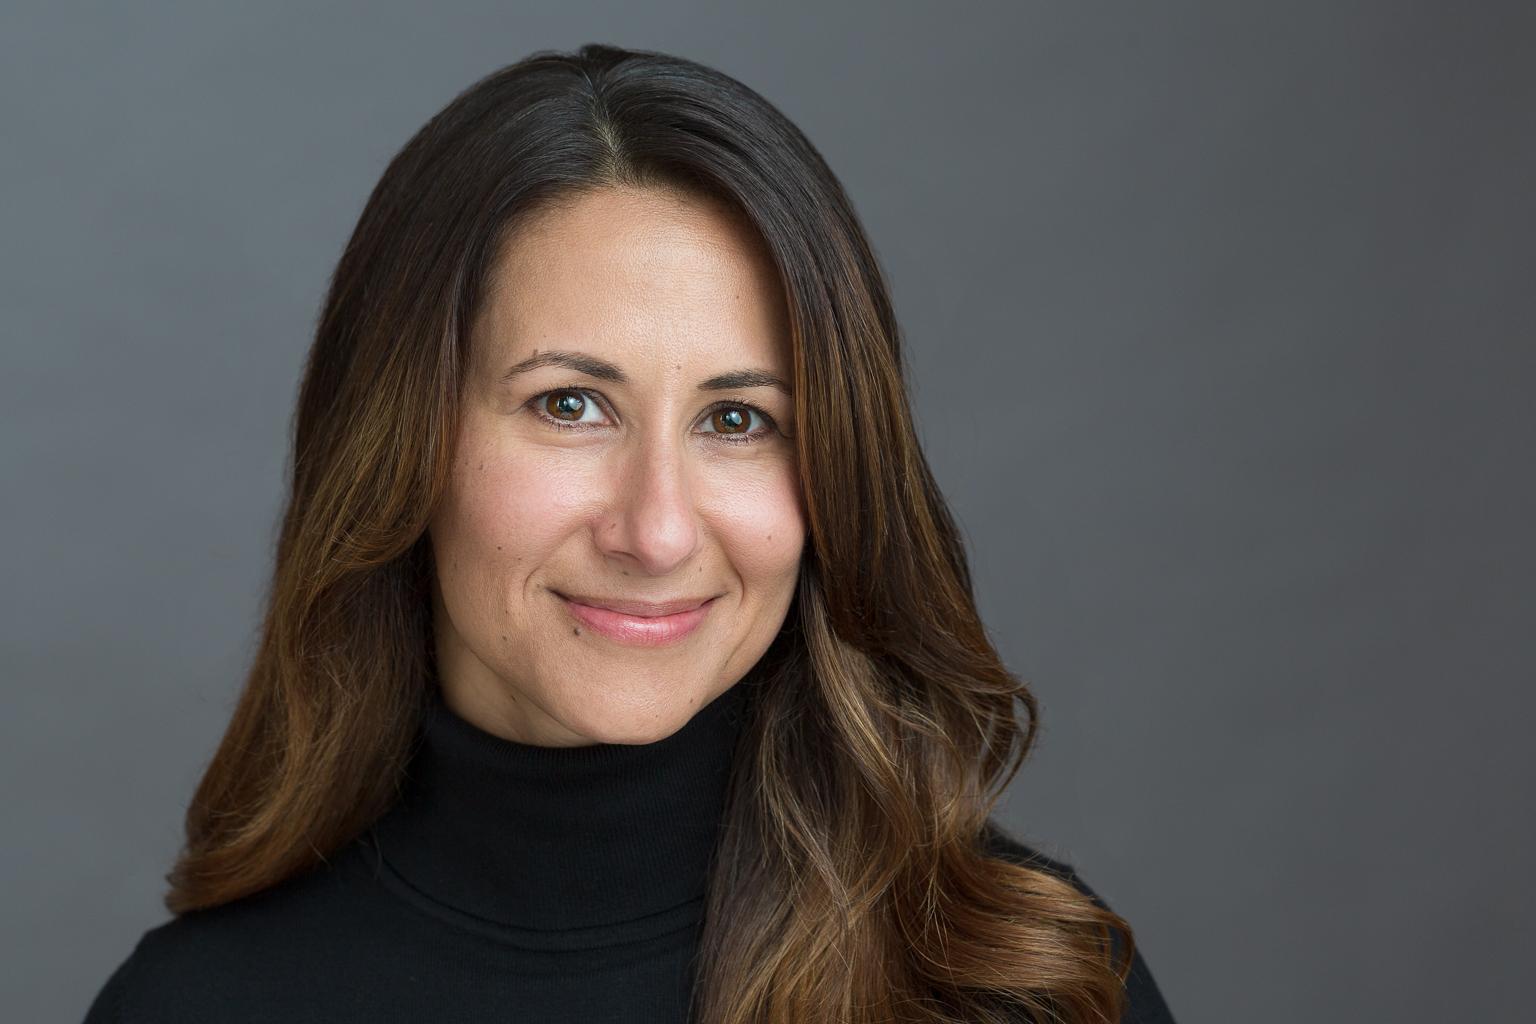 Female Headshot Gray Background Black Turtleneck